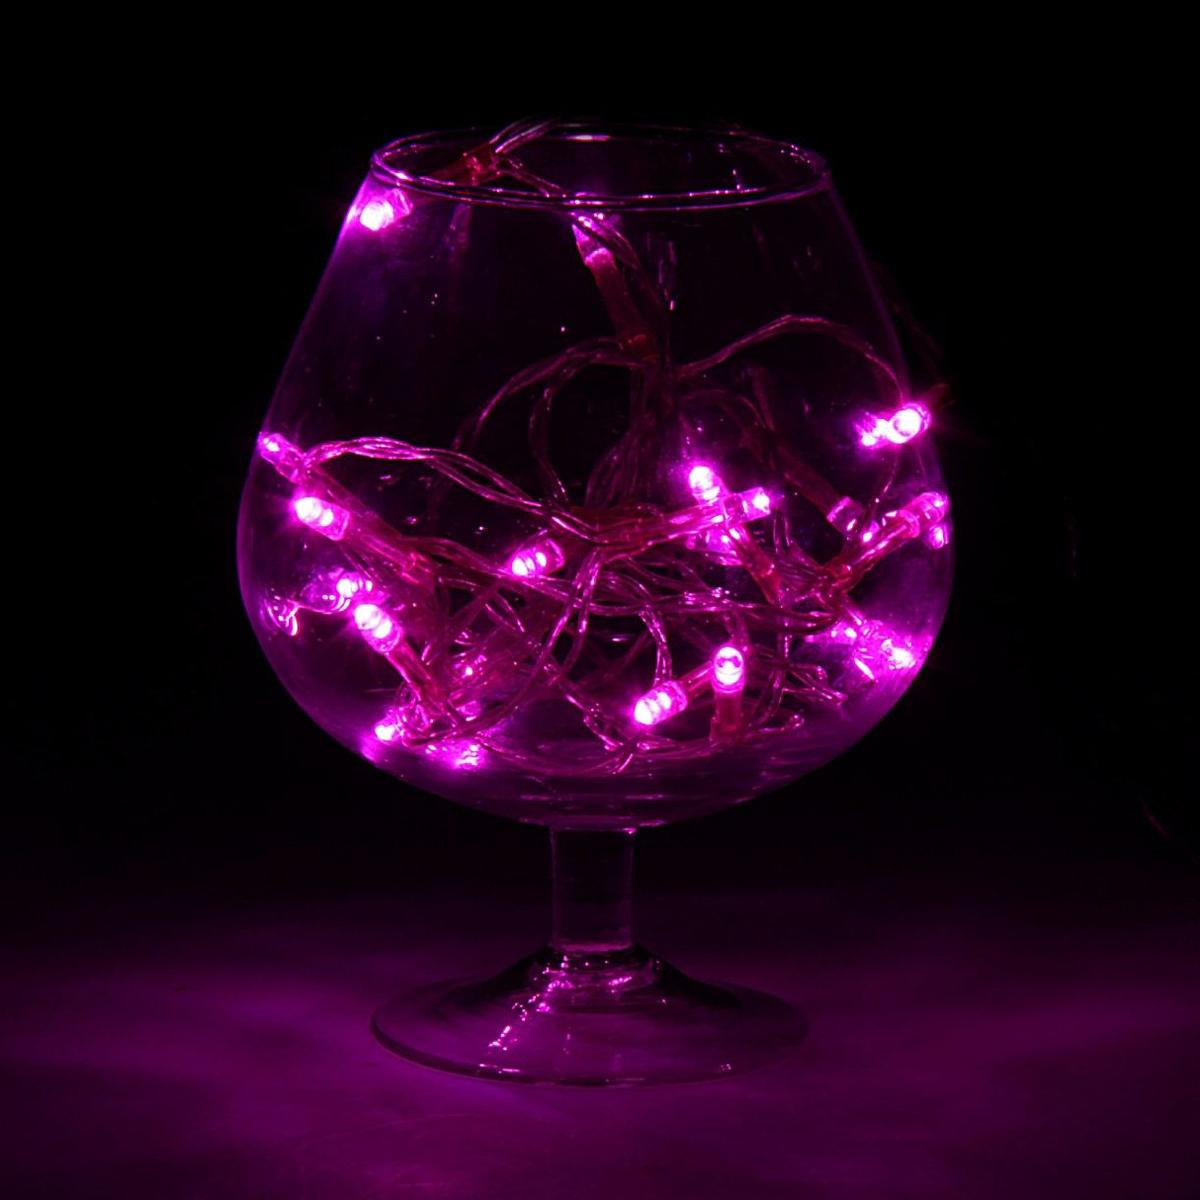 Гирлянда светодиодная Luazon Метраж, цвет: фиолетовый, 20 ламп, 2 режима, 3,6 V, длина 2 м. 806820806820Светодиодные гирлянды и ленты — это отличный вариант для новогоднего оформления интерьера или фасада. С их помощью помещение любого размера можно превратить в праздничный зал, а внешние элементы зданий, украшенные ими, мгновенно станут напоминать очертания сказочного дворца. Такие украшения создают ауру предвкушения чуда. Деревья, фасады, витрины, окна и арки будто специально созданы, чтобы вы украсили их светящимися нитями.